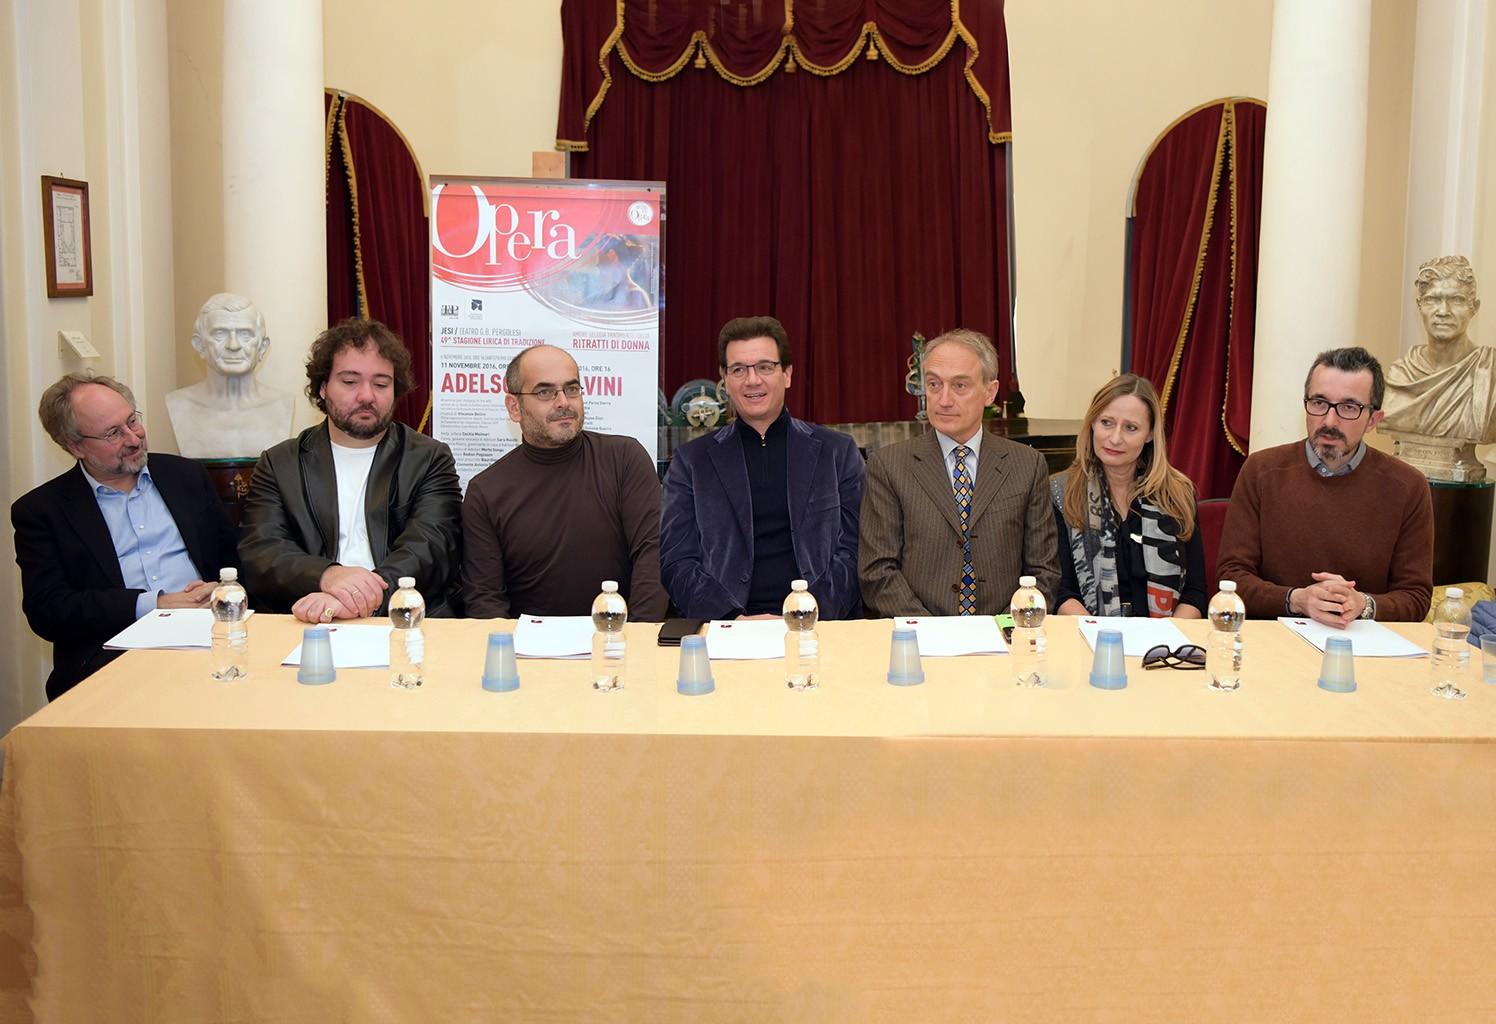 foto_conferenzajesi_adelson-e-salvini